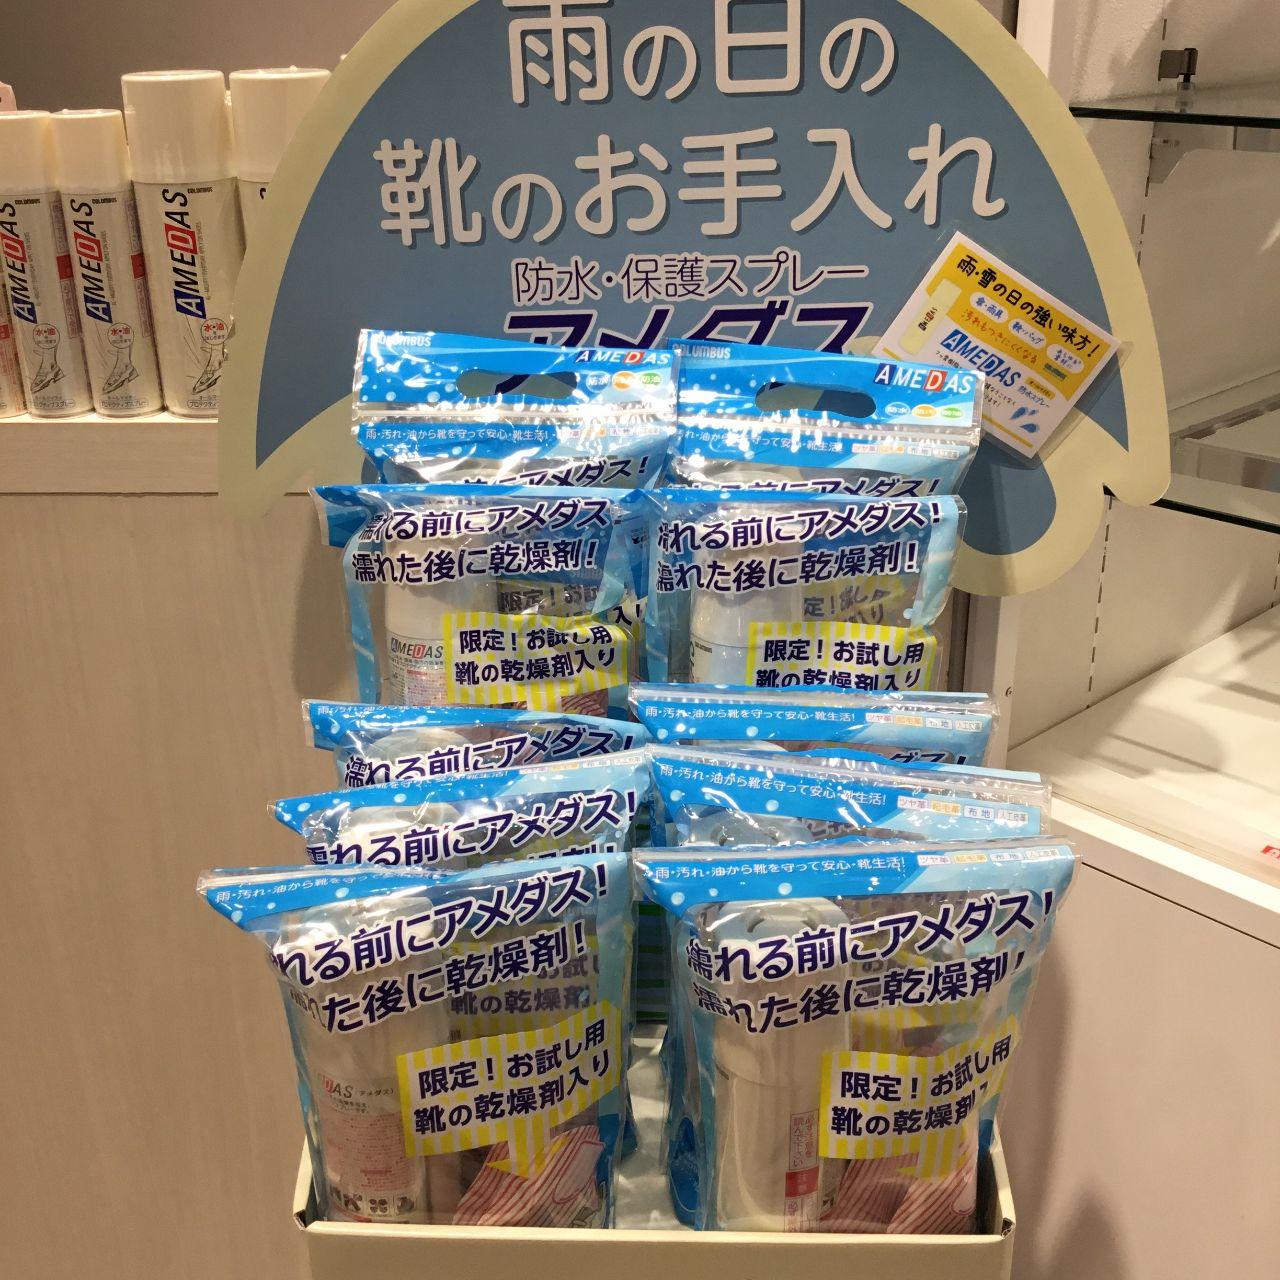 モール 大阪 シティ イオン ドーム